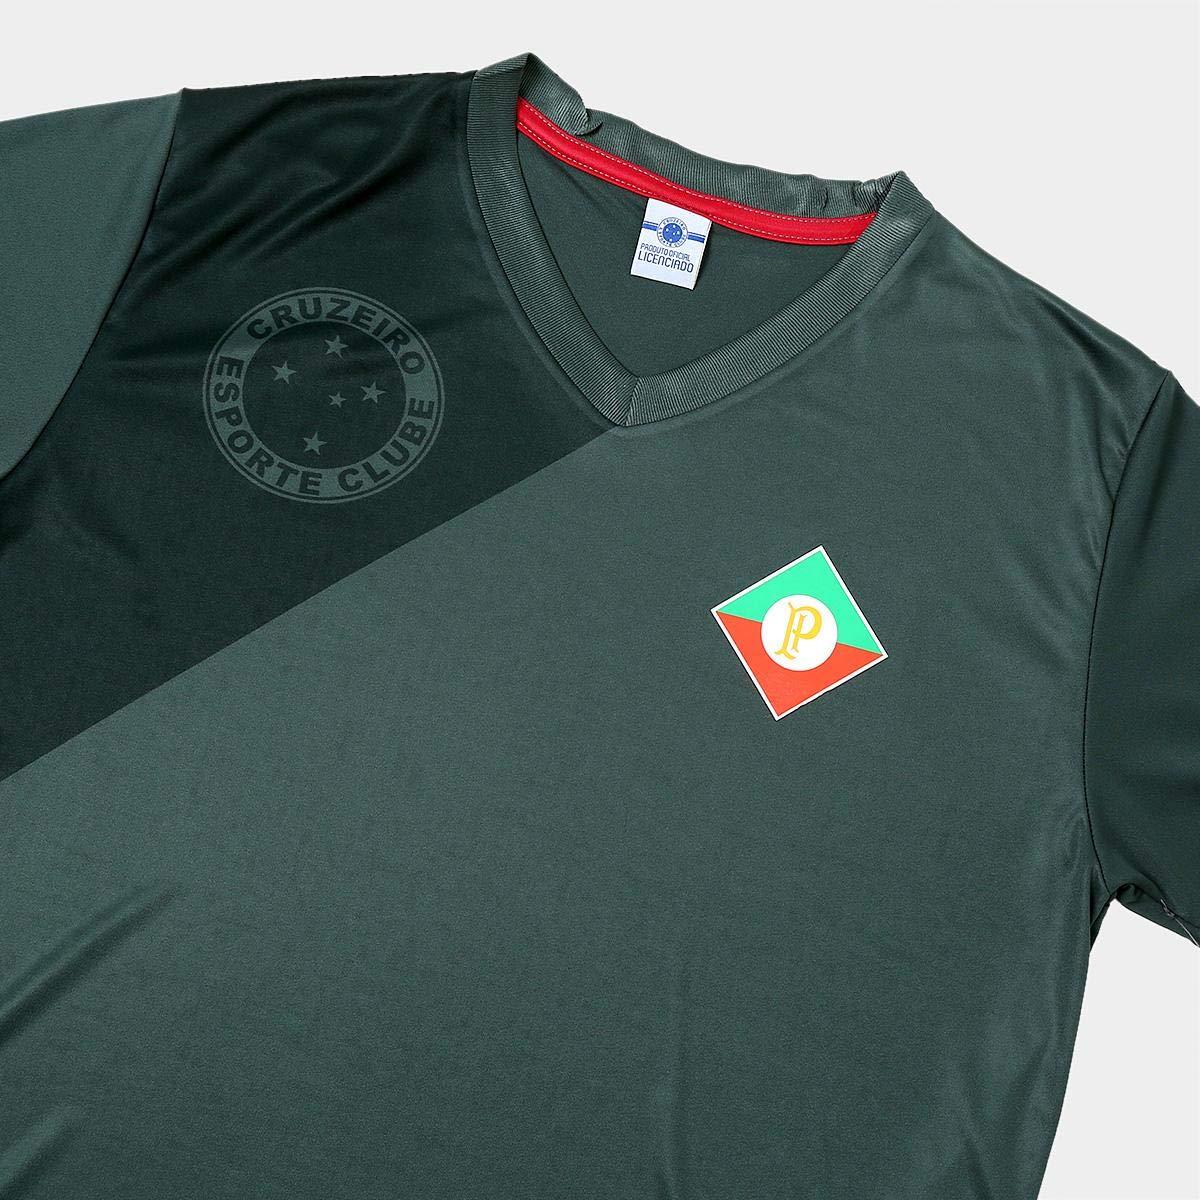 4ac70f6e390e8 Camisa Retrô Cruzeiro Palestra Itália Masculina: Amazon.com.br: Esportes e  Aventura